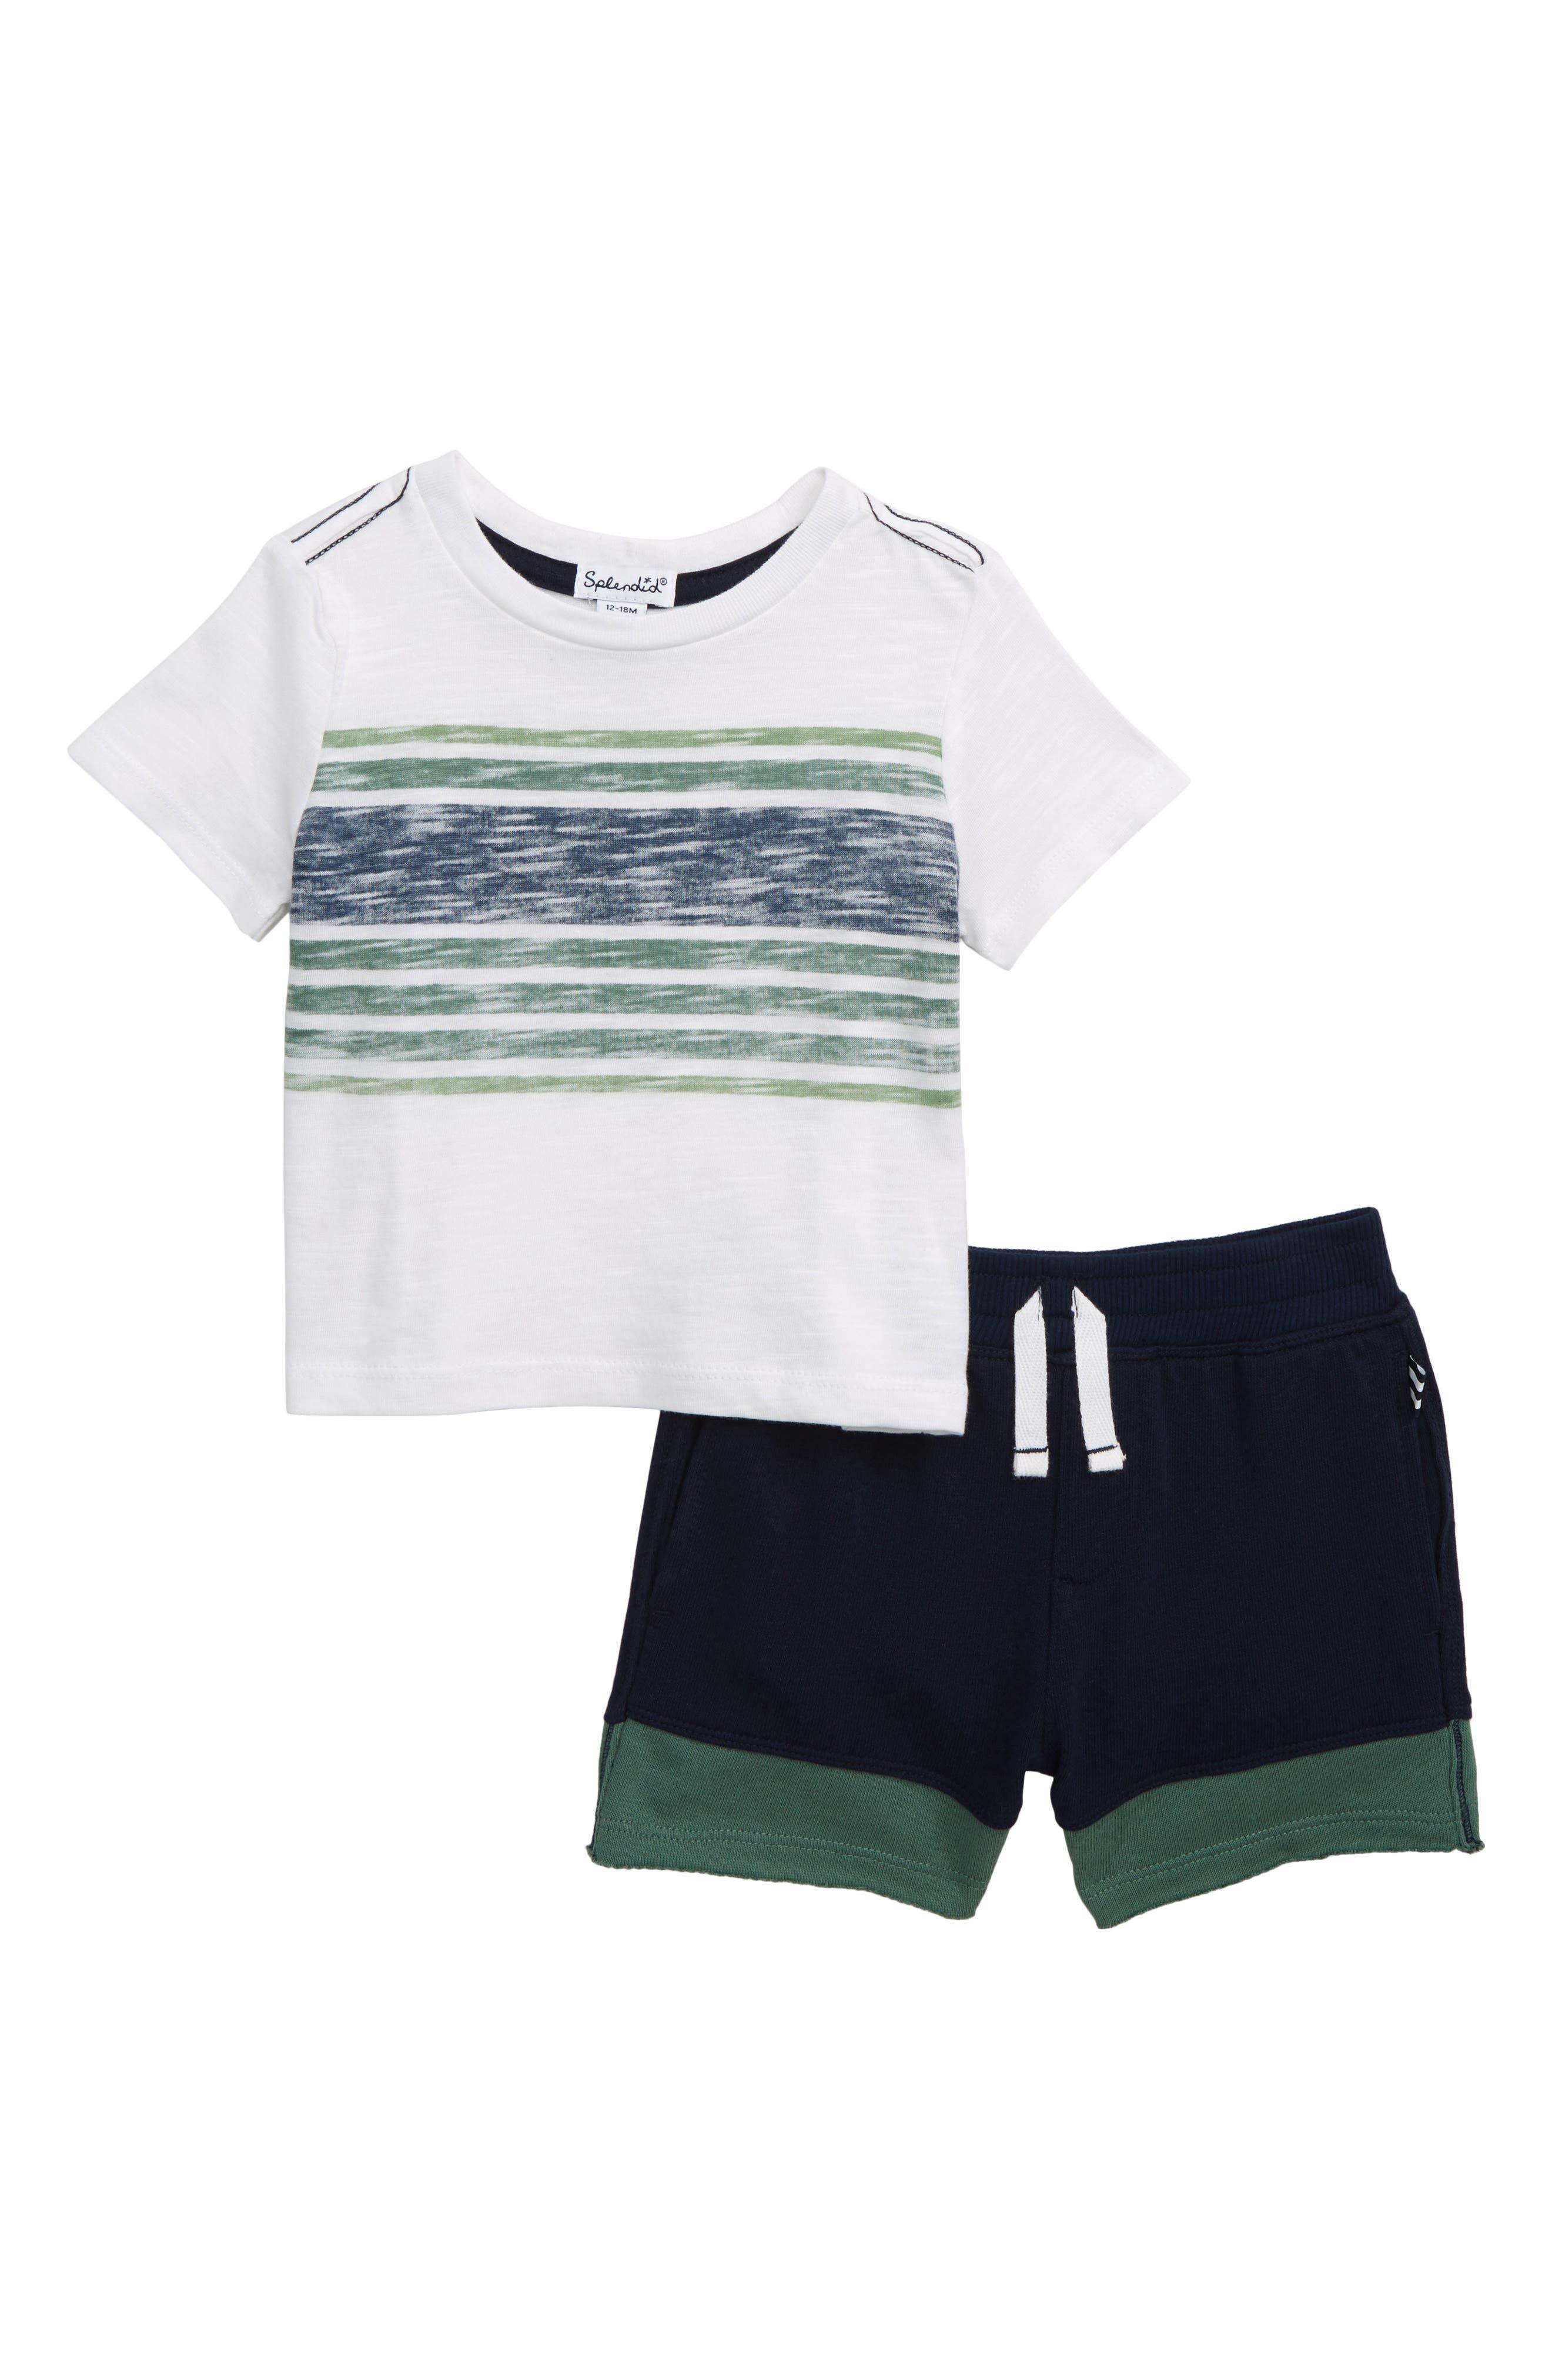 SPLENDID, Reverse Stripe T-Shirt & Shorts Set, Main thumbnail 1, color, WHITE VERANDA